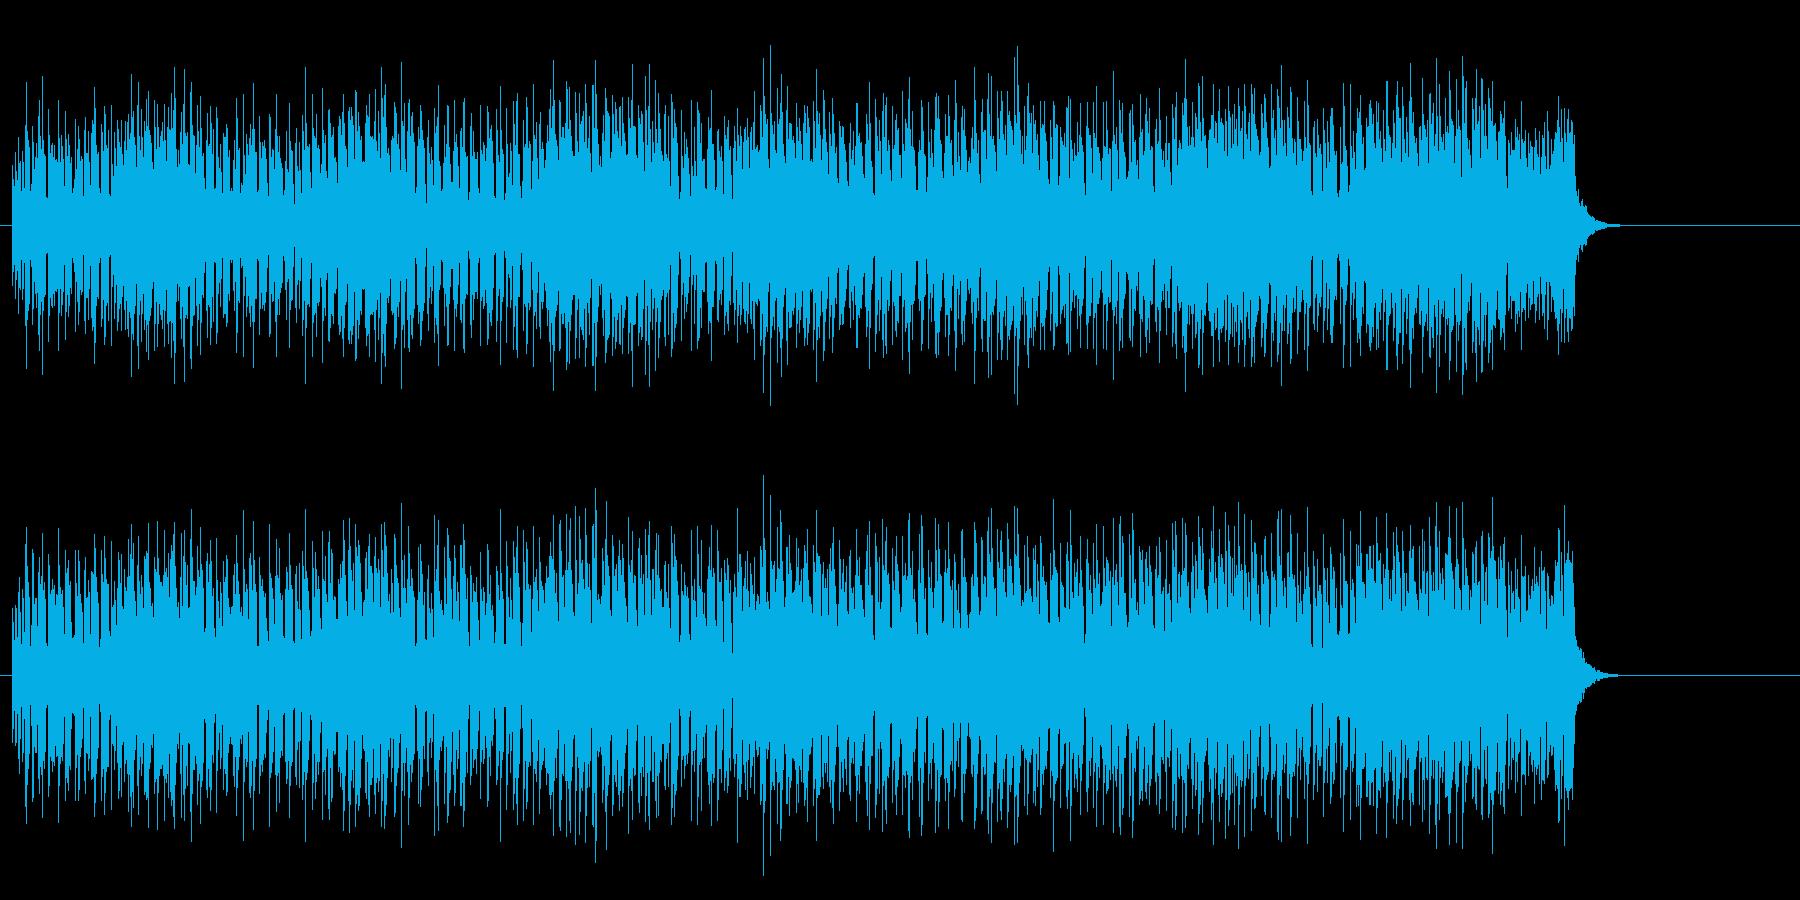 タイトで圧迫感のあるダイナミックなロックの再生済みの波形